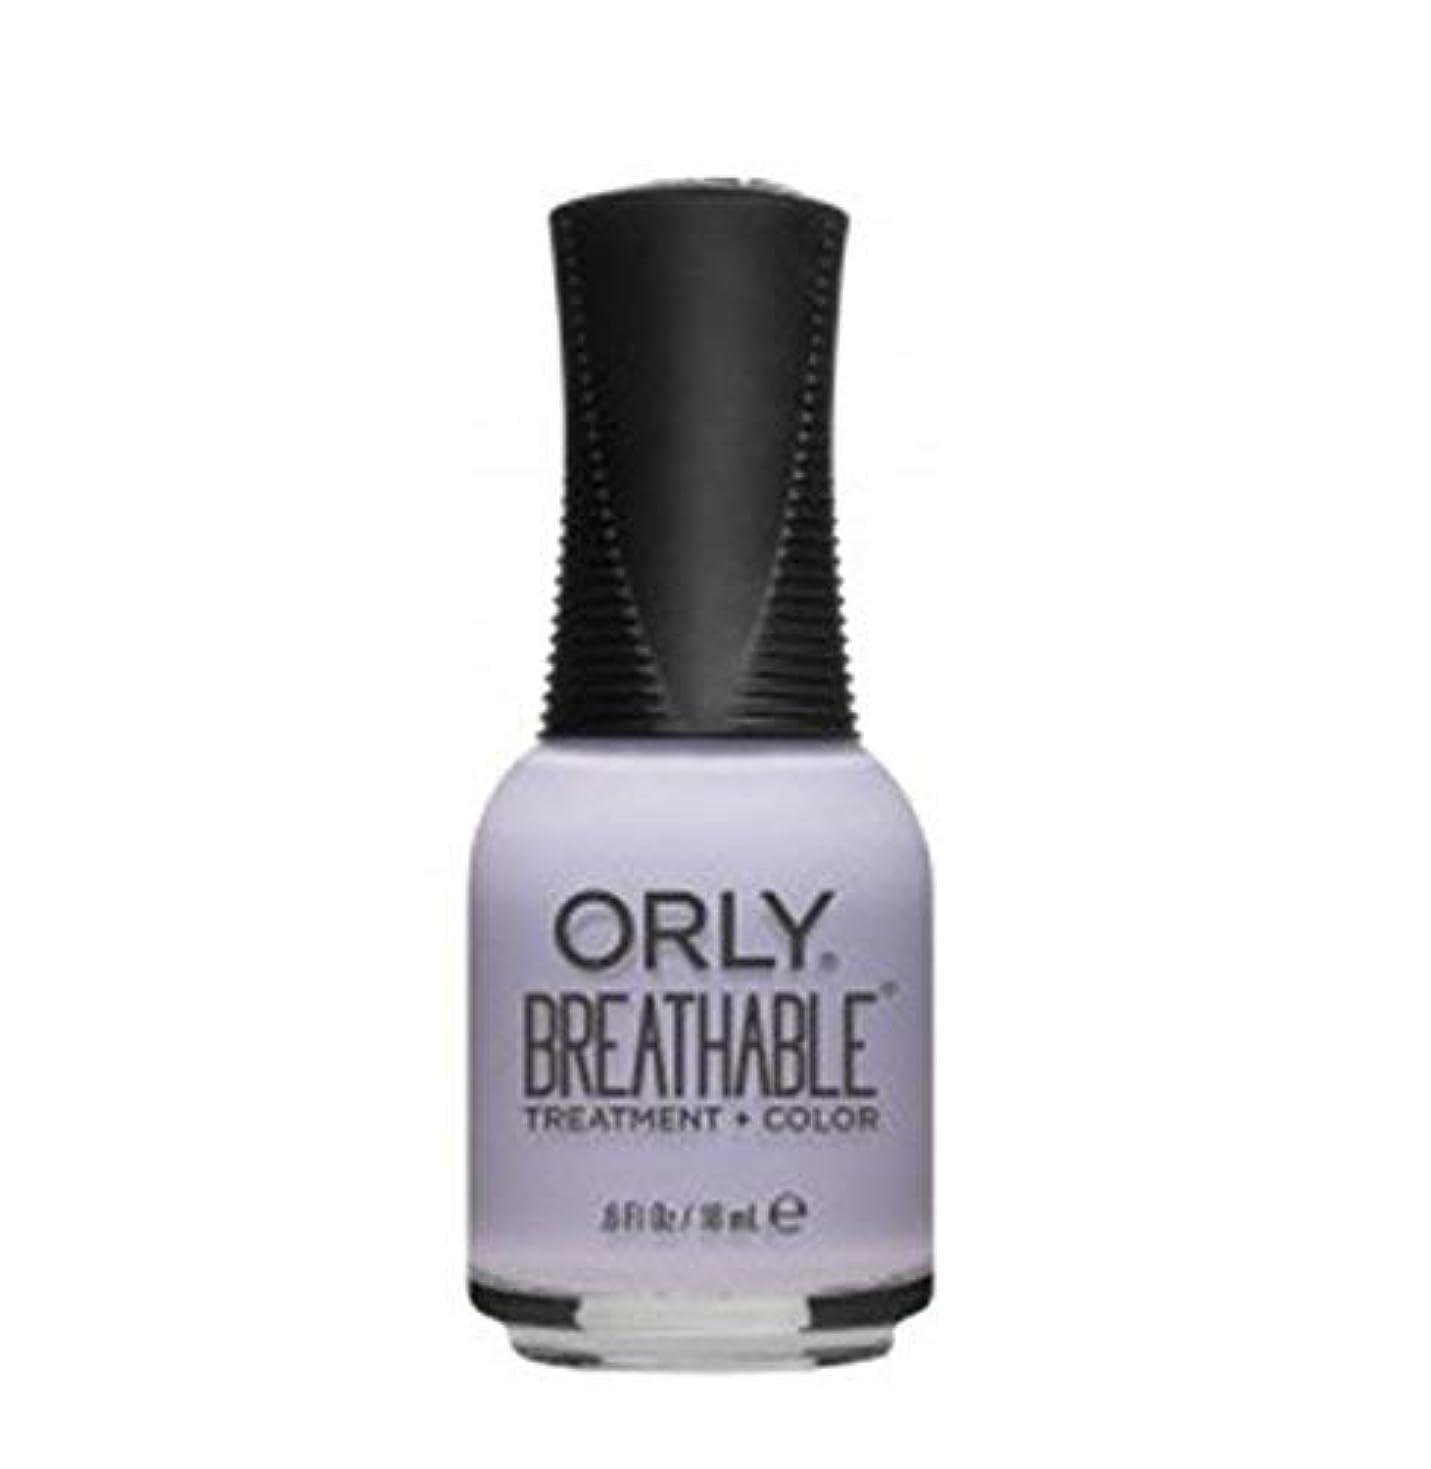 新着ラグマルコポーロORLY Breathable Lacquer - Treatment+Color - Patience and Peace - 18 ml/0.6 oz